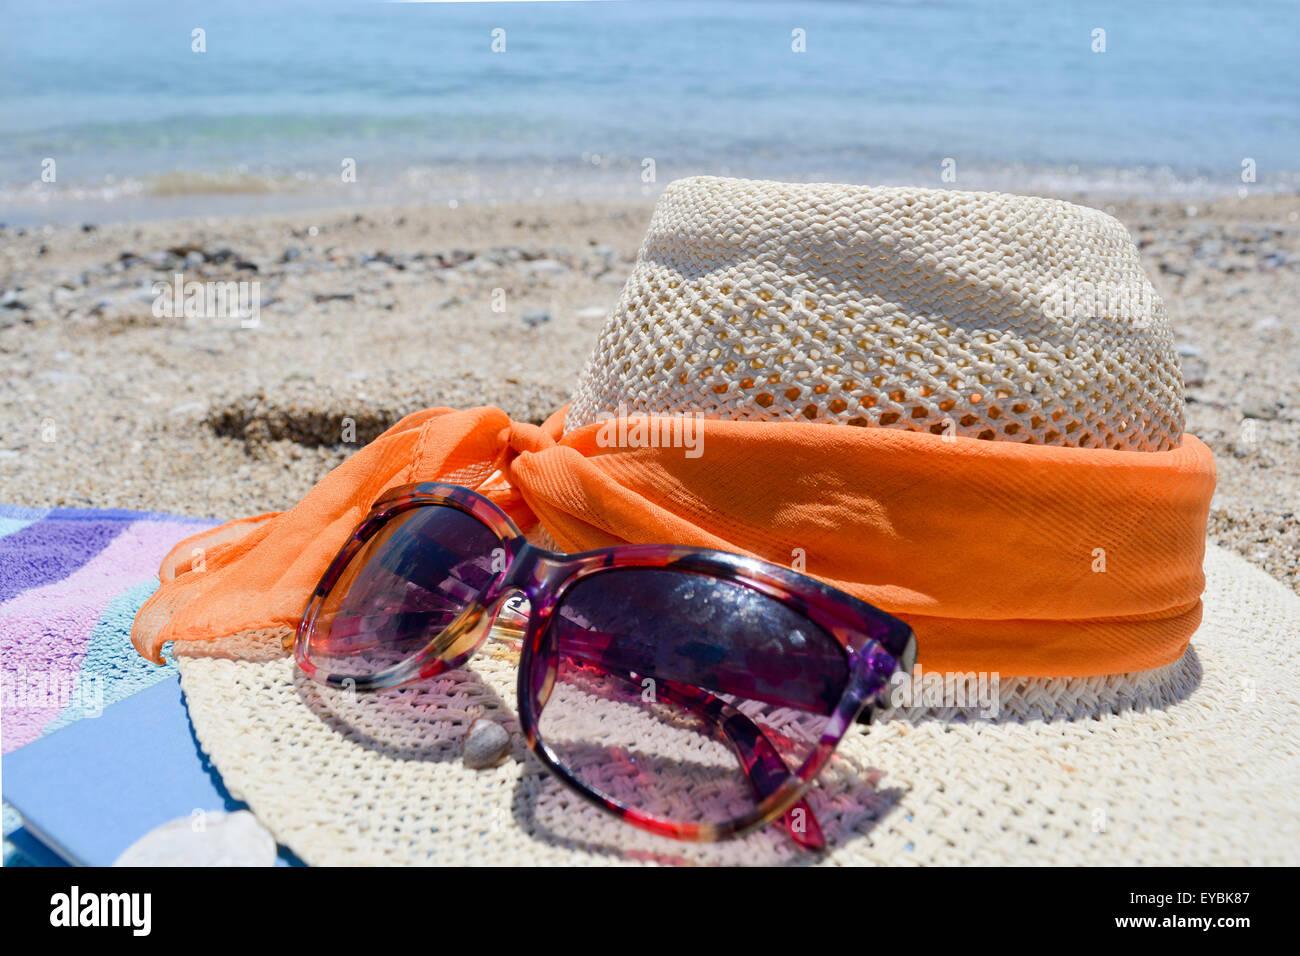 lunettes de soleil chapeau de paille et un livre sur la plage avec vue sur la mer dans le fond. Black Bedroom Furniture Sets. Home Design Ideas